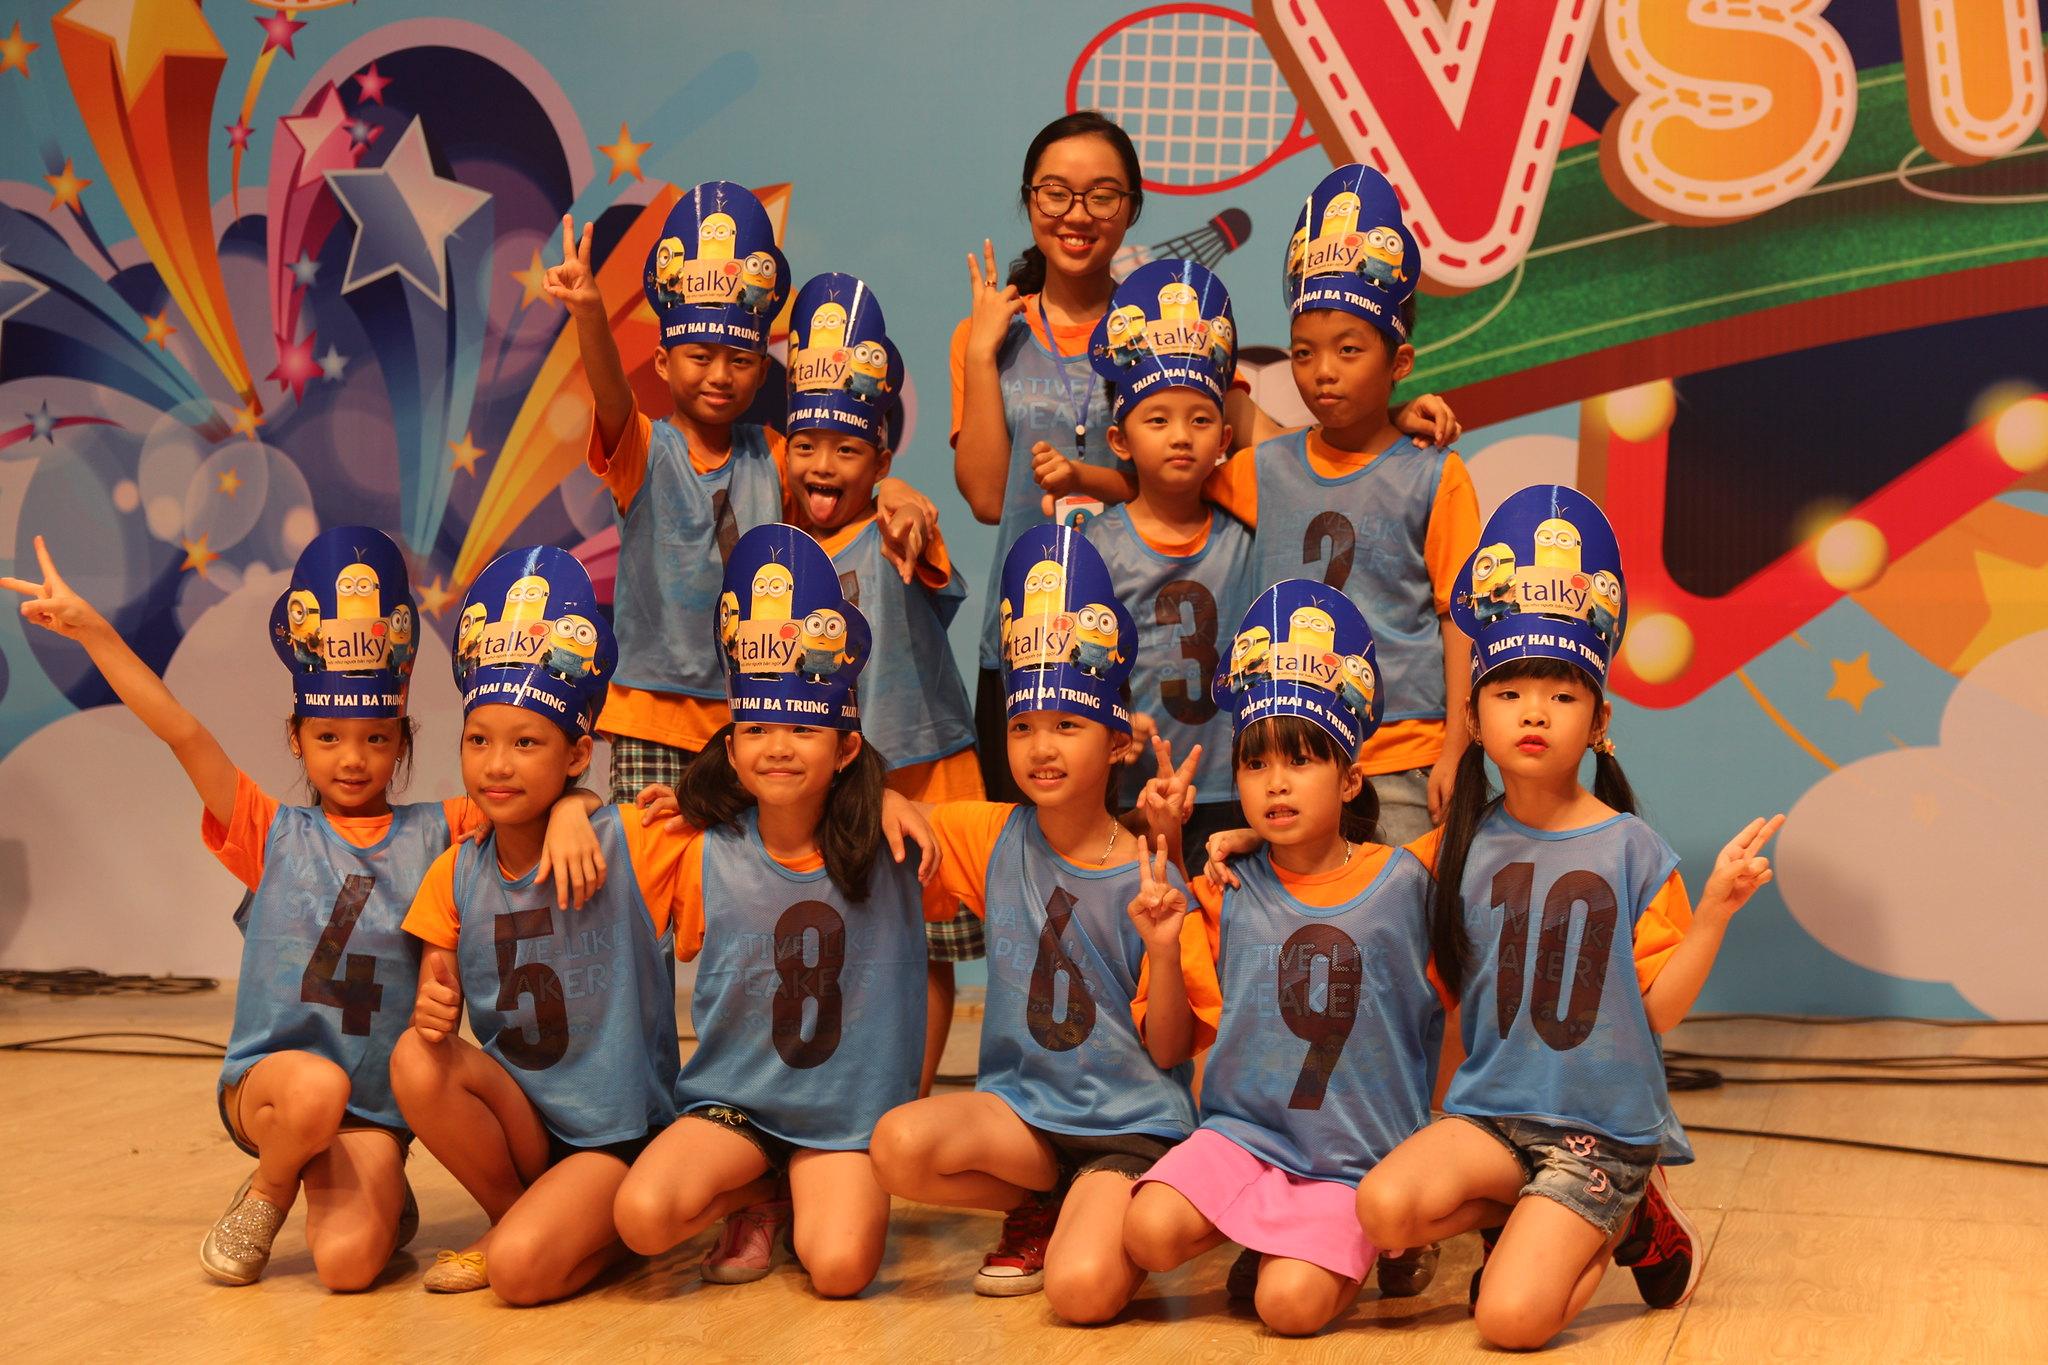 Chuong trinh Vuon cao Vstars - Trung tam Anh ngu Talky